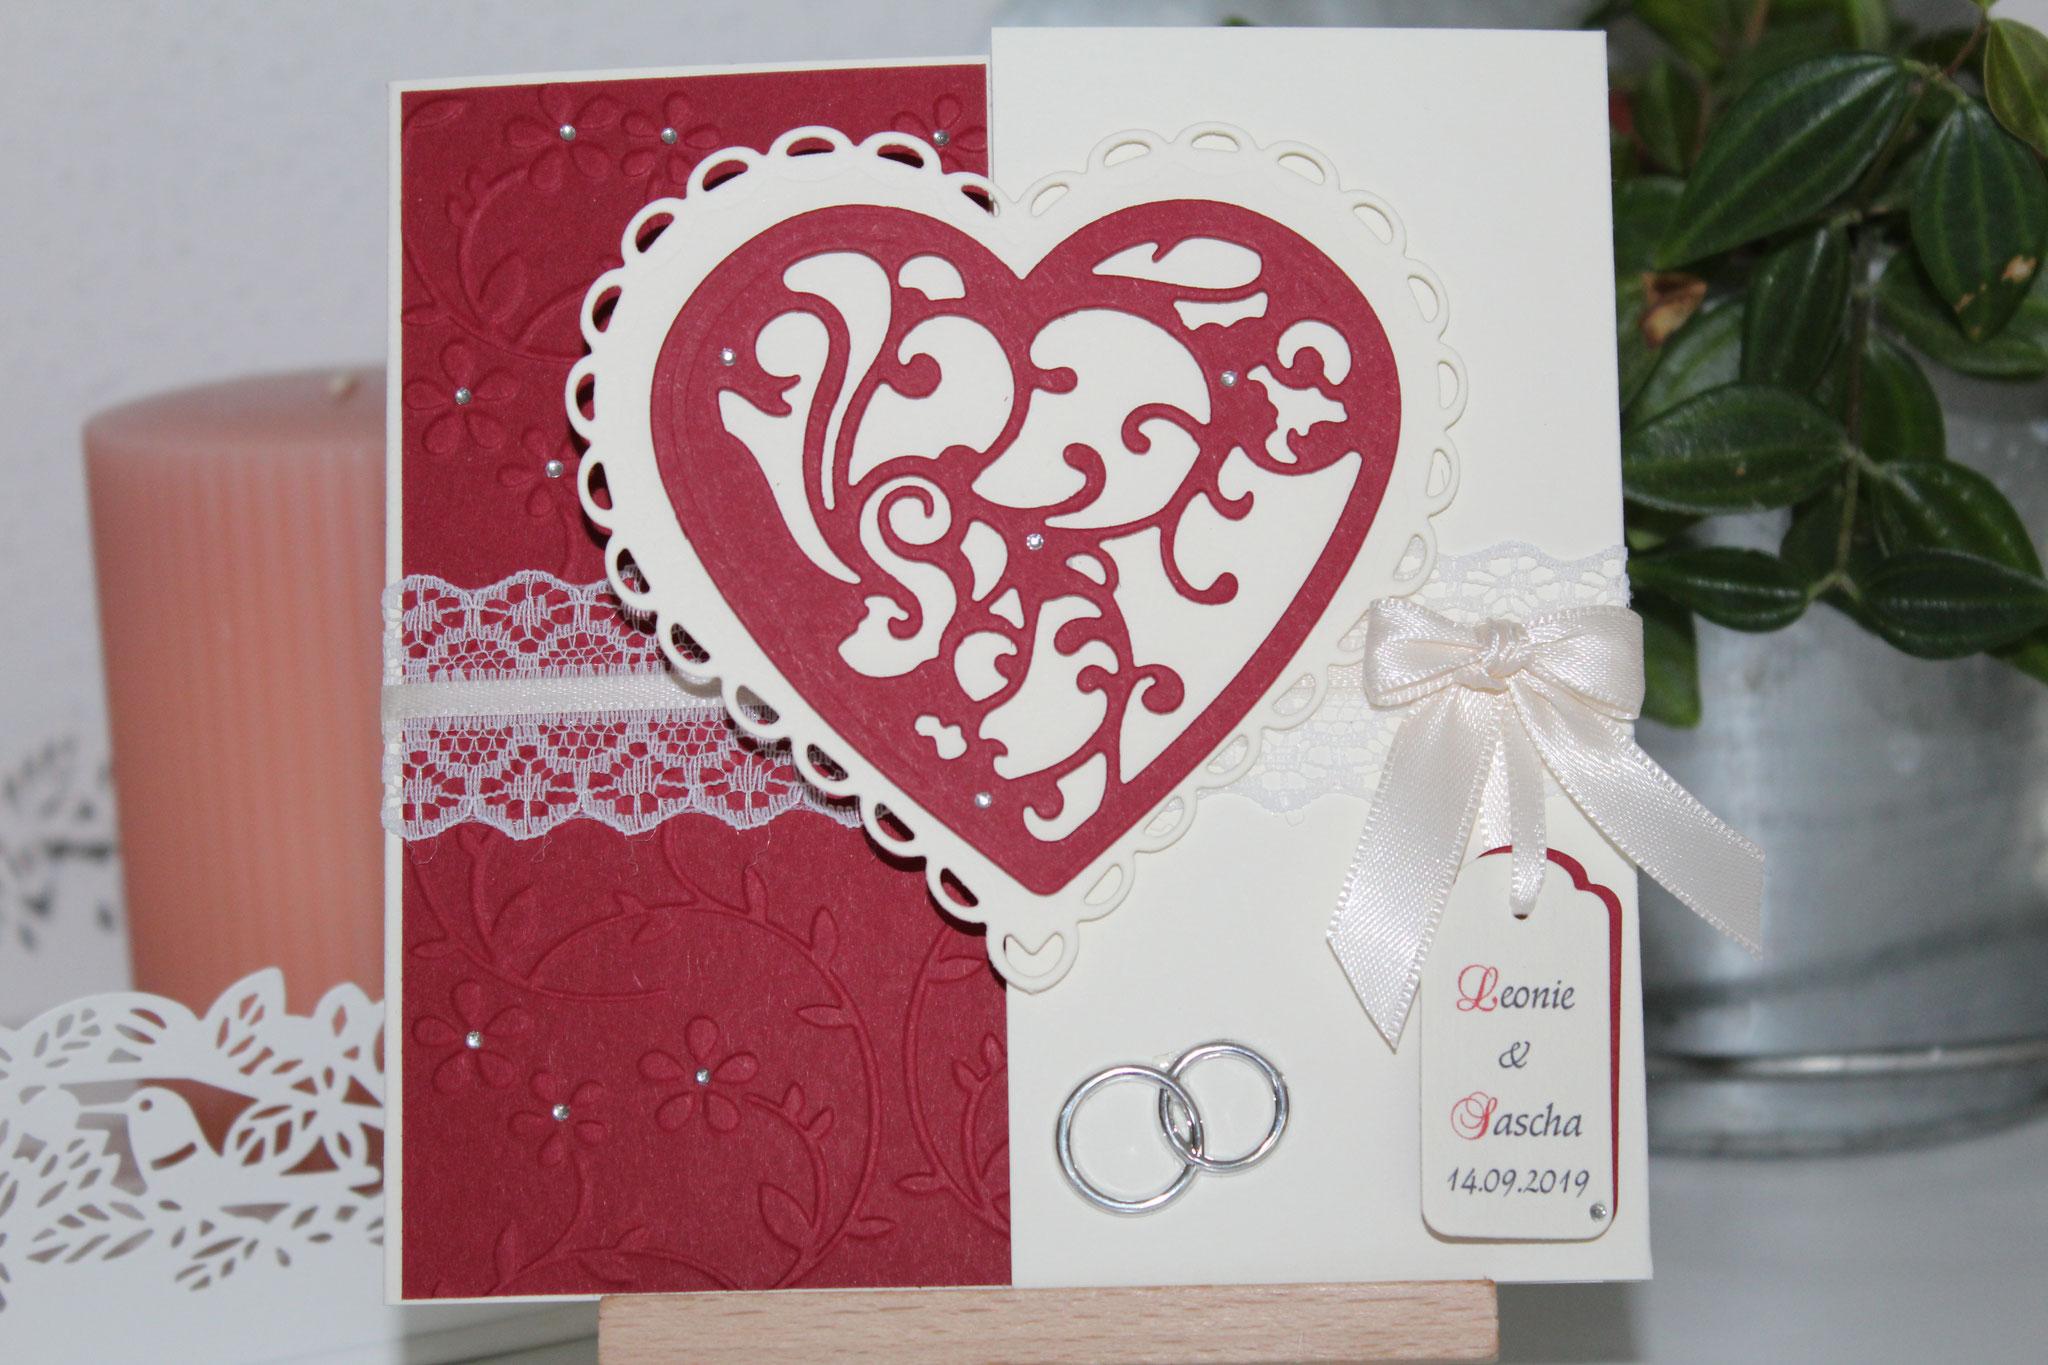 EH100  Mittig zu öffnen. Gerne arbeiten wir auf die Herzinnenseite ein Bild von  Euch ein. Anhänger mit den Namen des Brautpaares.